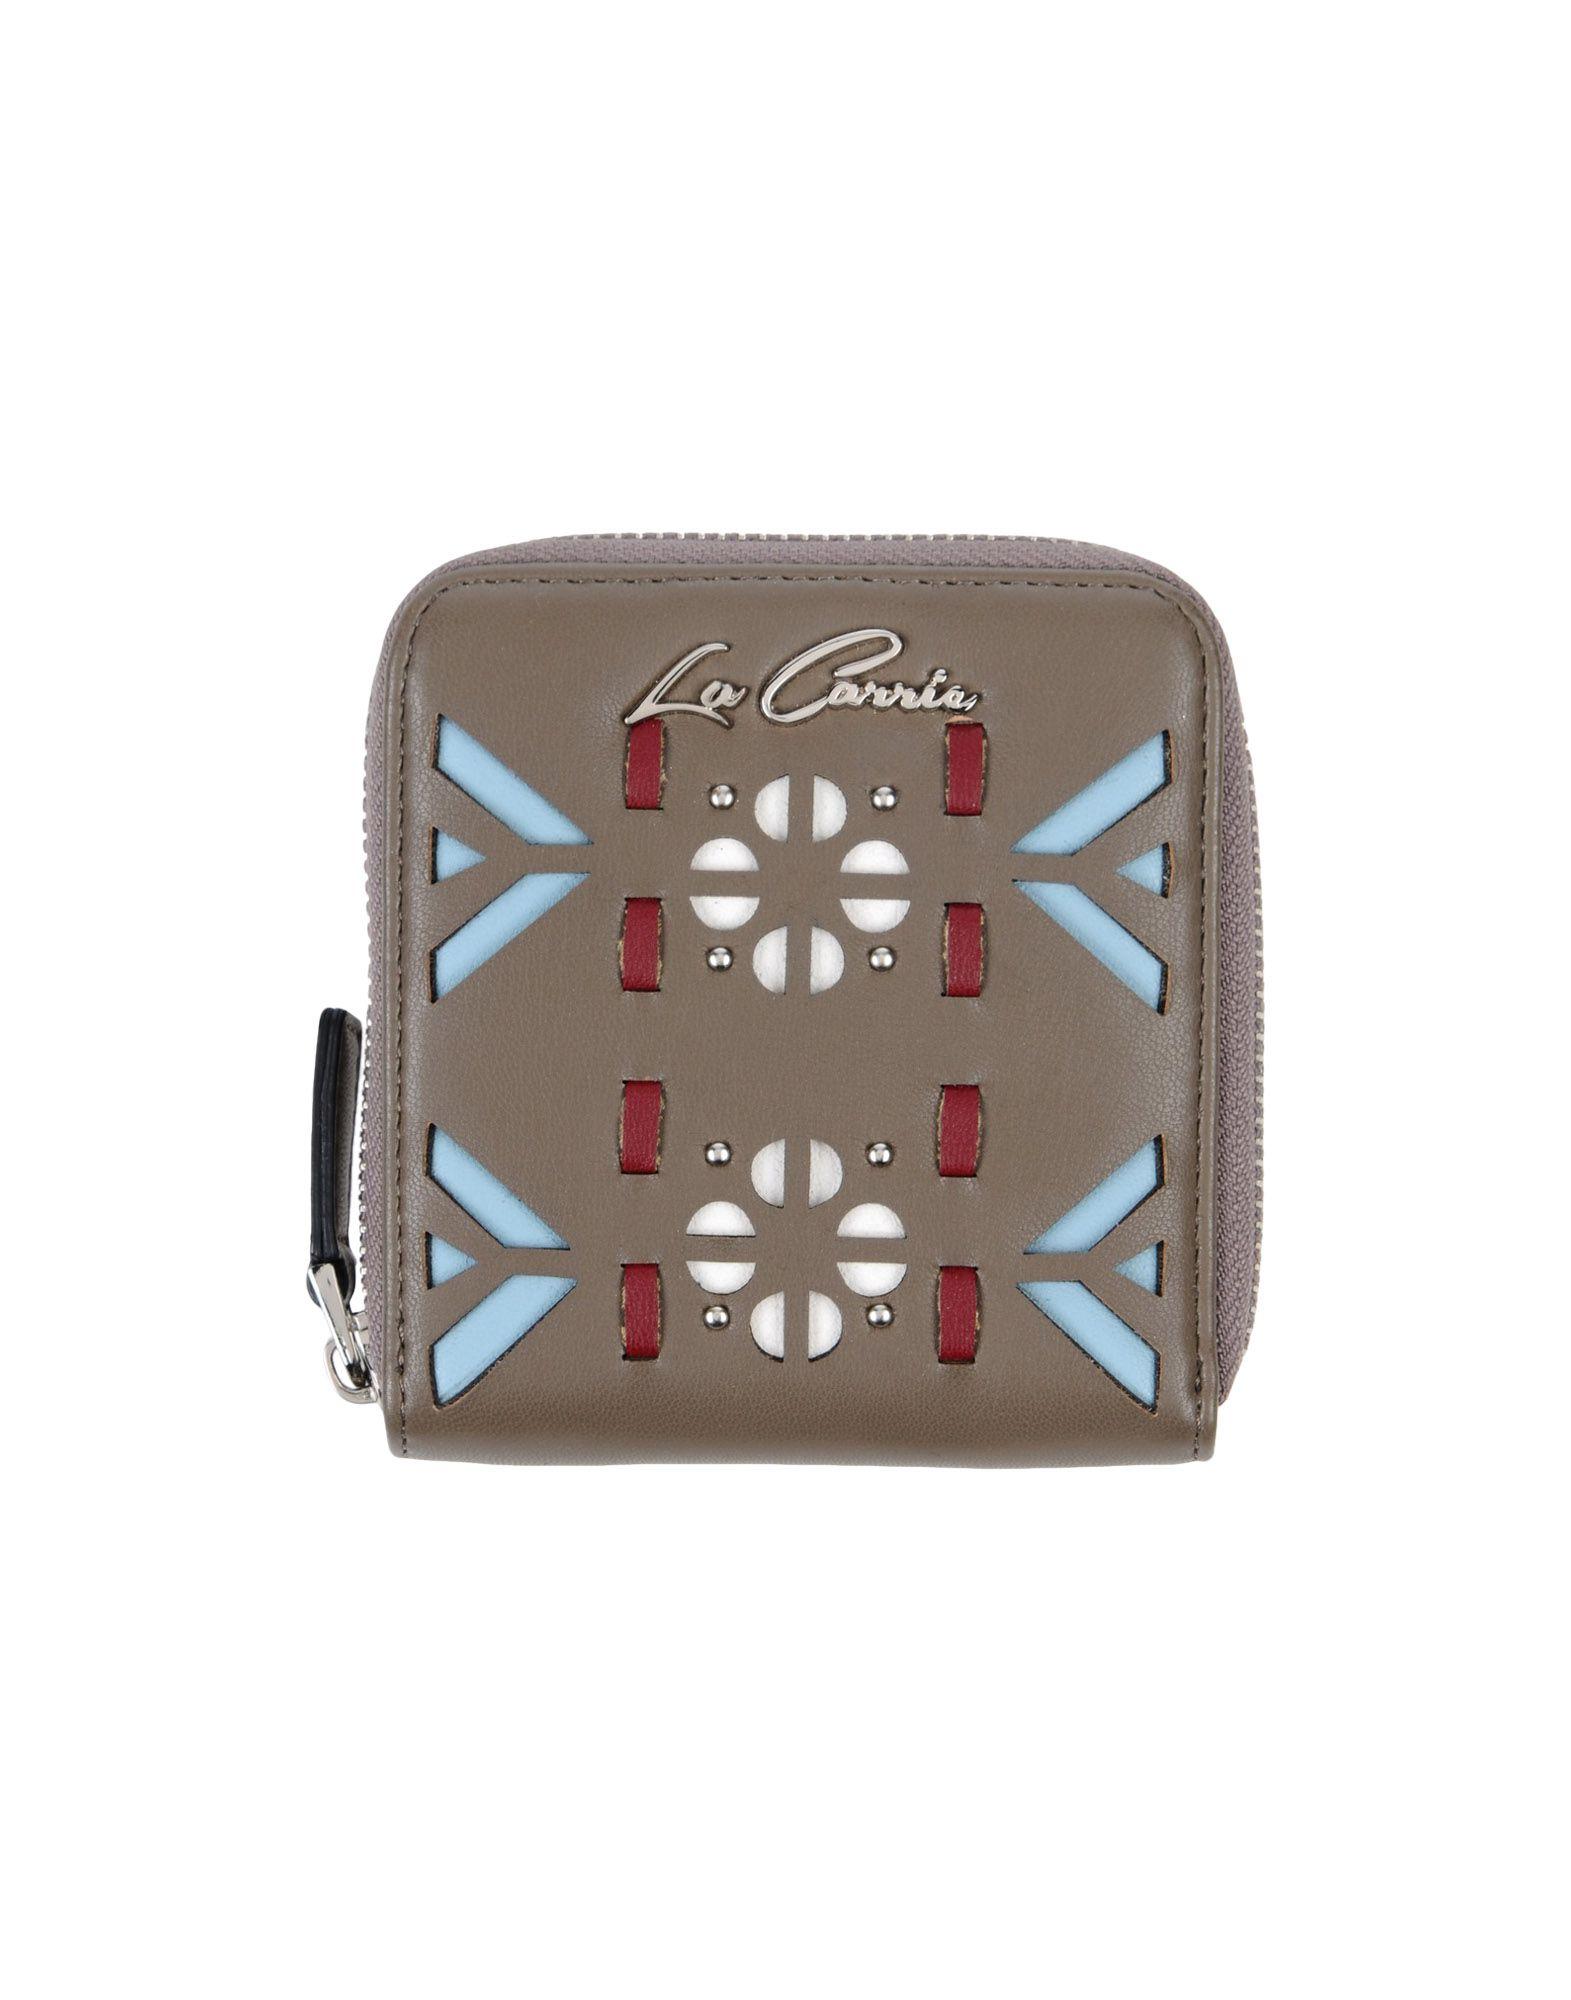 LA CARRIE BAG Wallet in Khaki